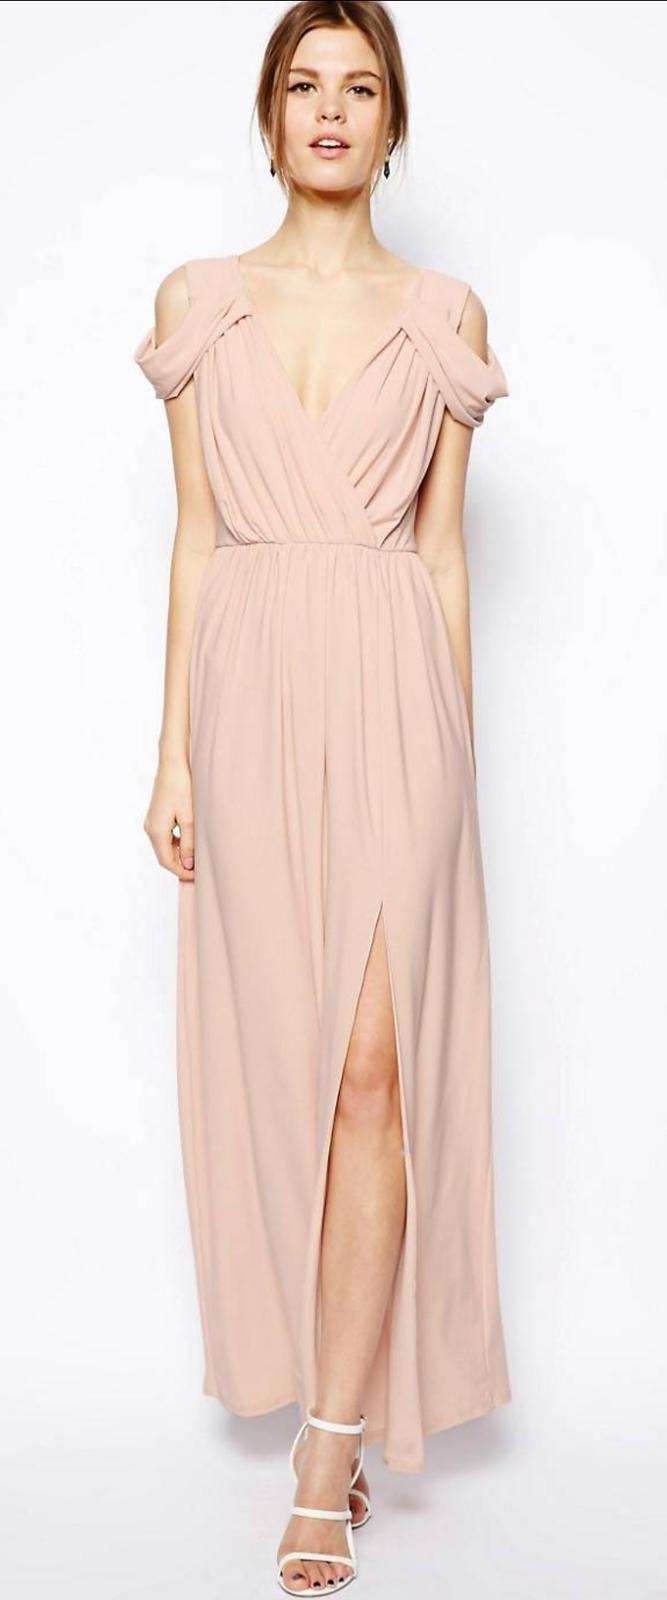 Dlhé spoločenské ružové šaty - Obrázok č. 1